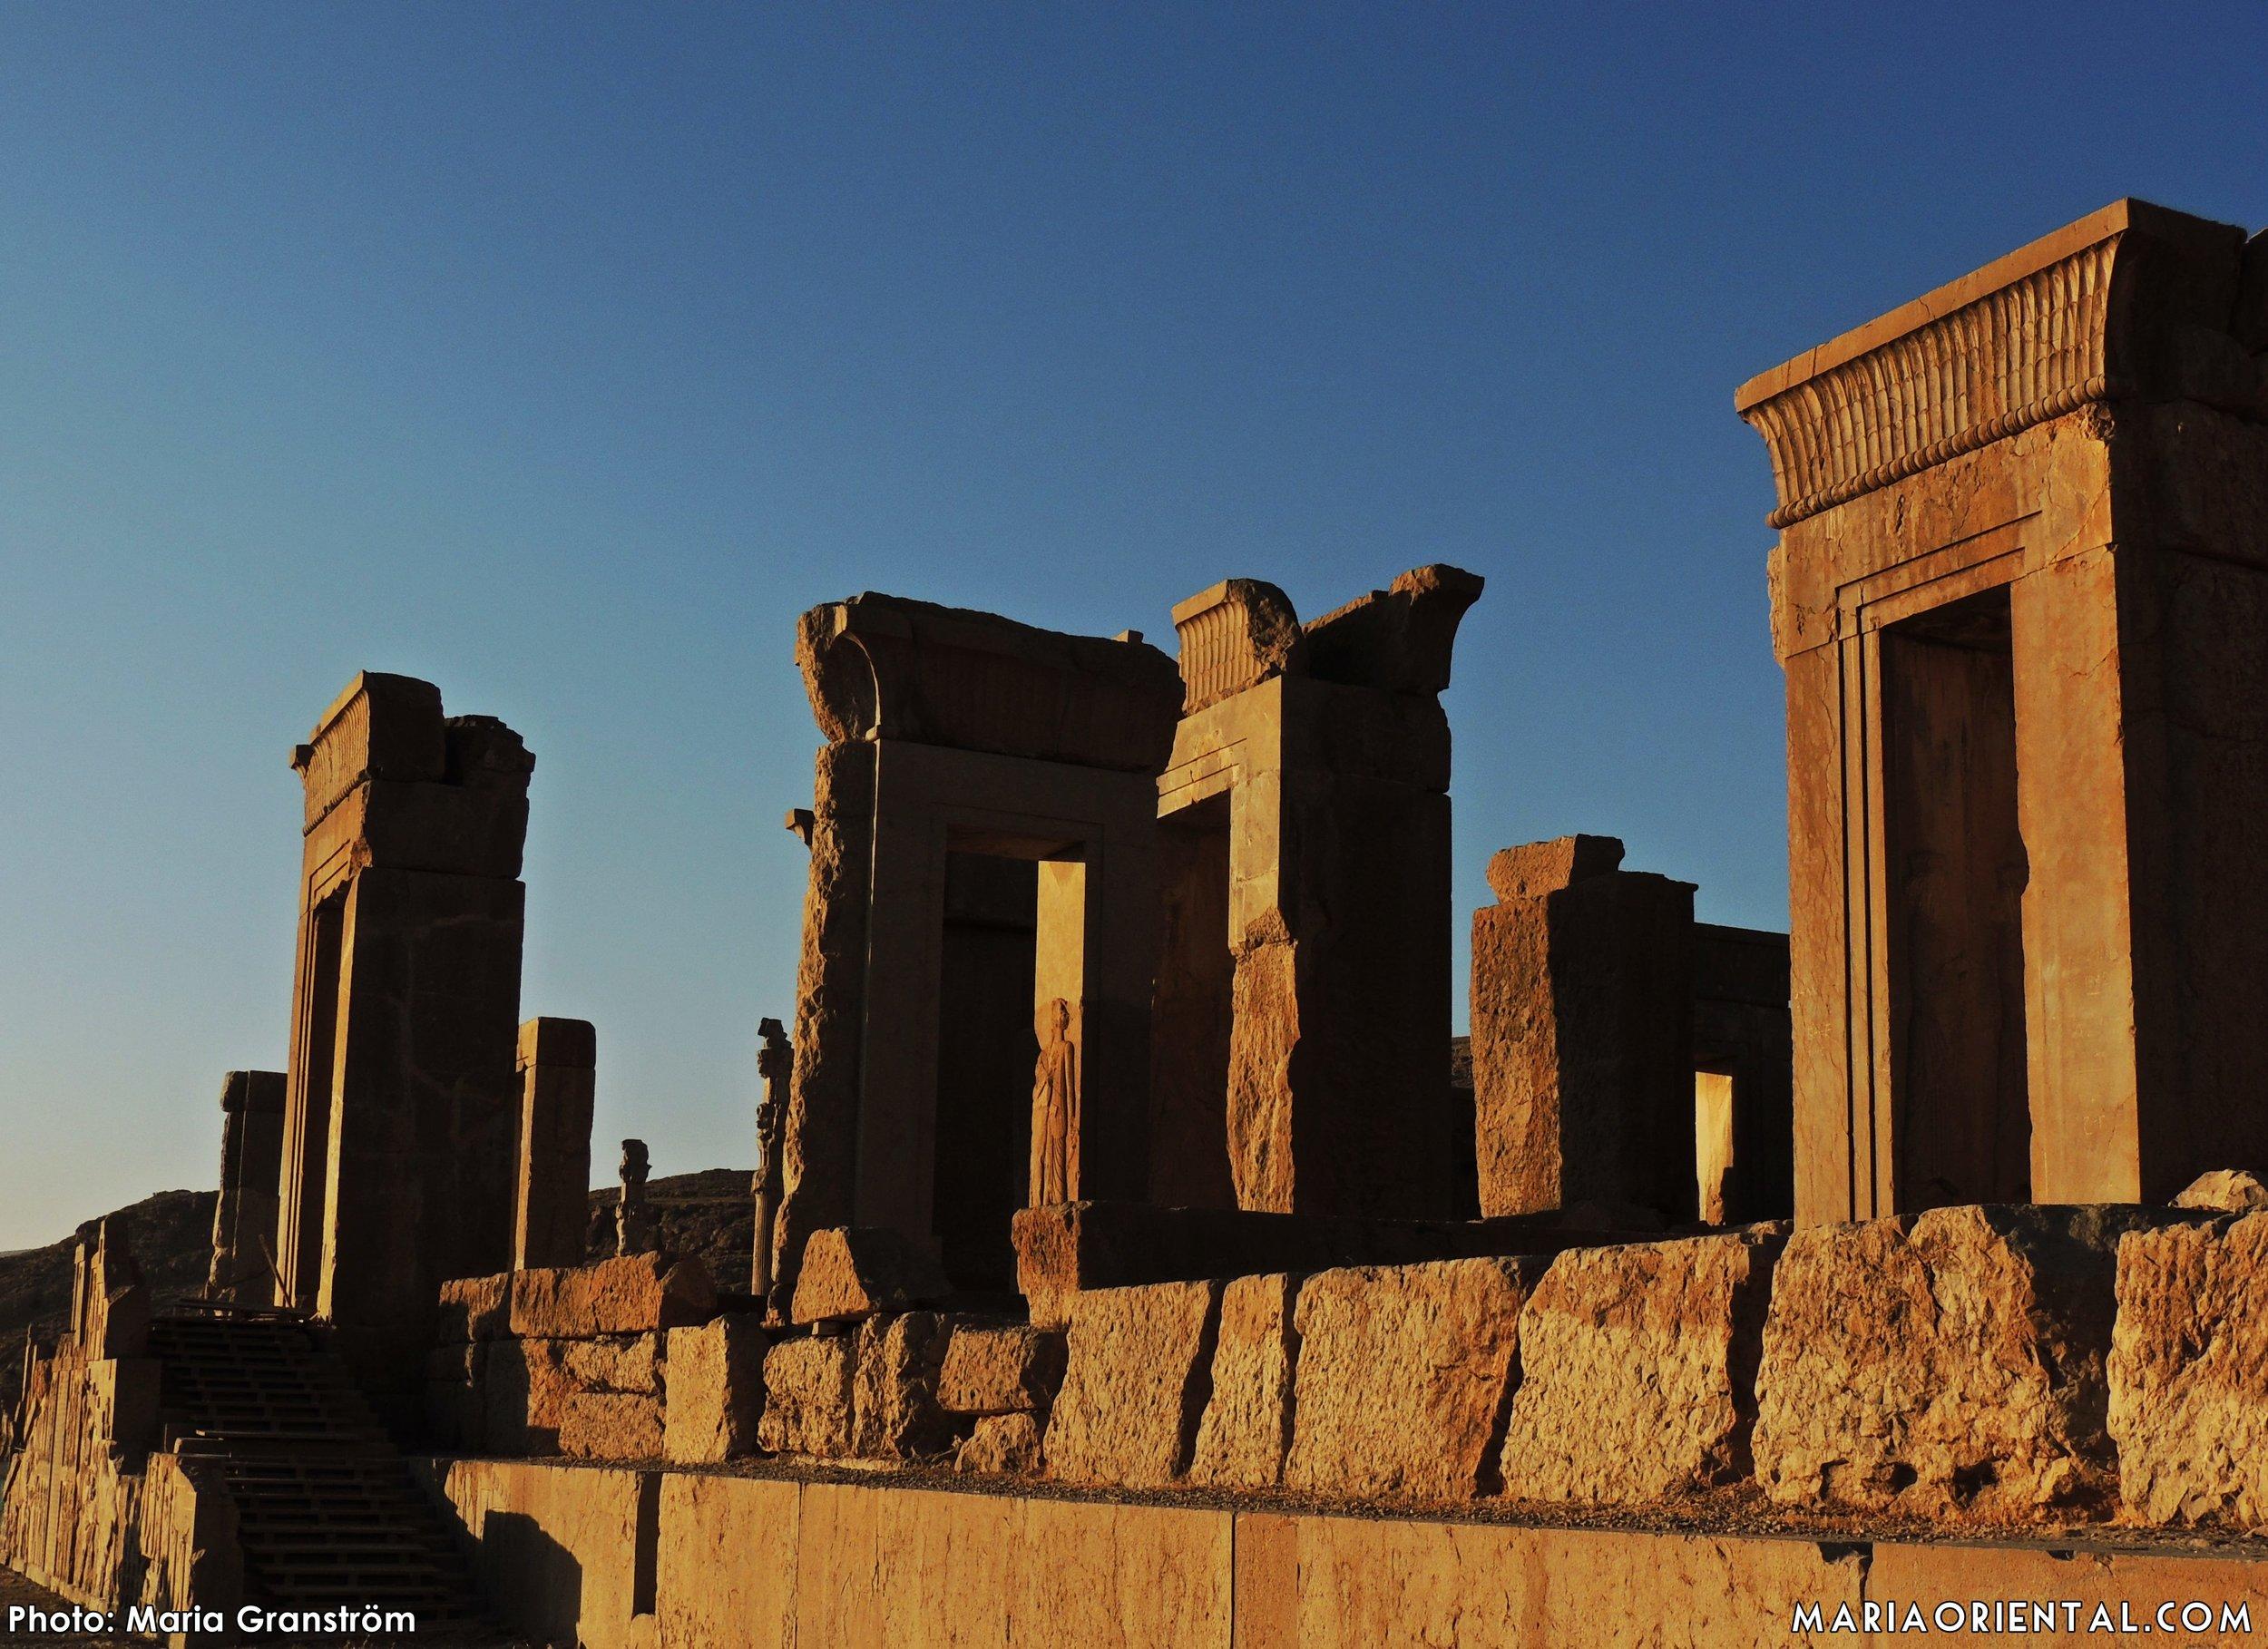 Den kanske mest klassiska bilden av Persepolis.